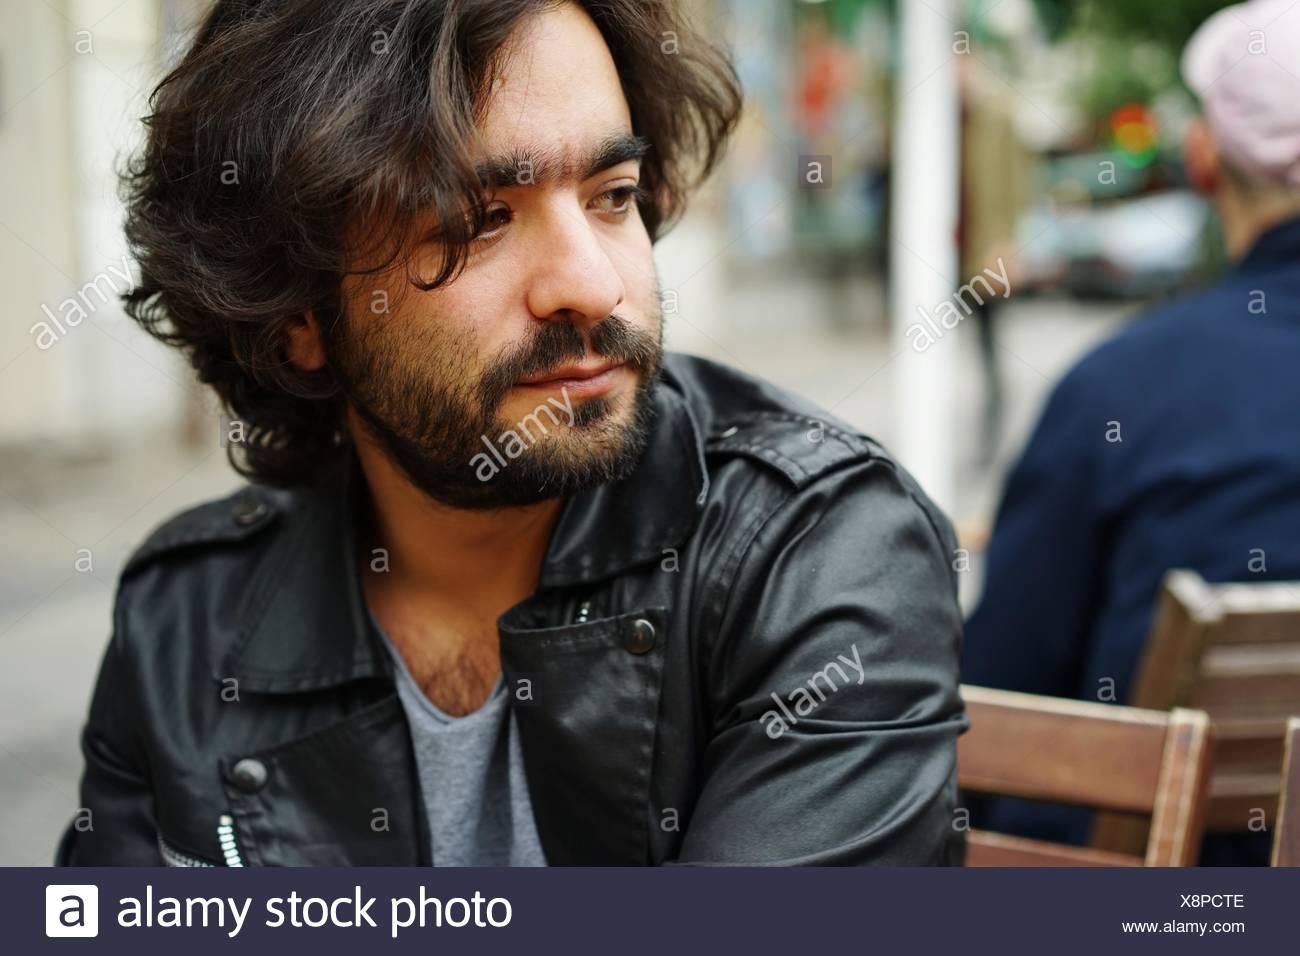 Hombre mirando lejos al café en la acera Imagen De Stock